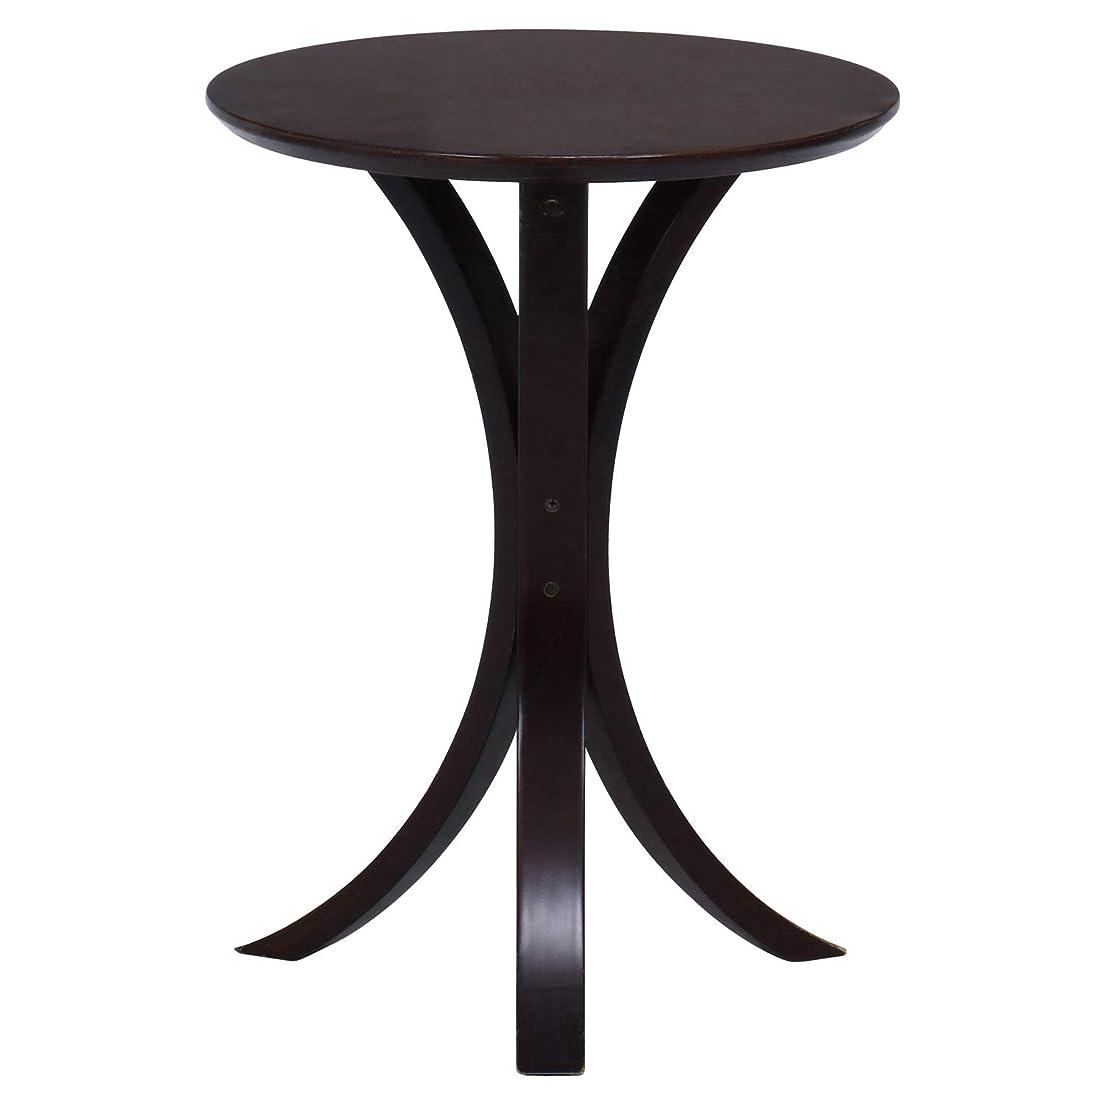 ヒープ最大化するアヒル不二貿易 サイドテーブル 丸 幅40cm ダークブラウン 天然木 77662